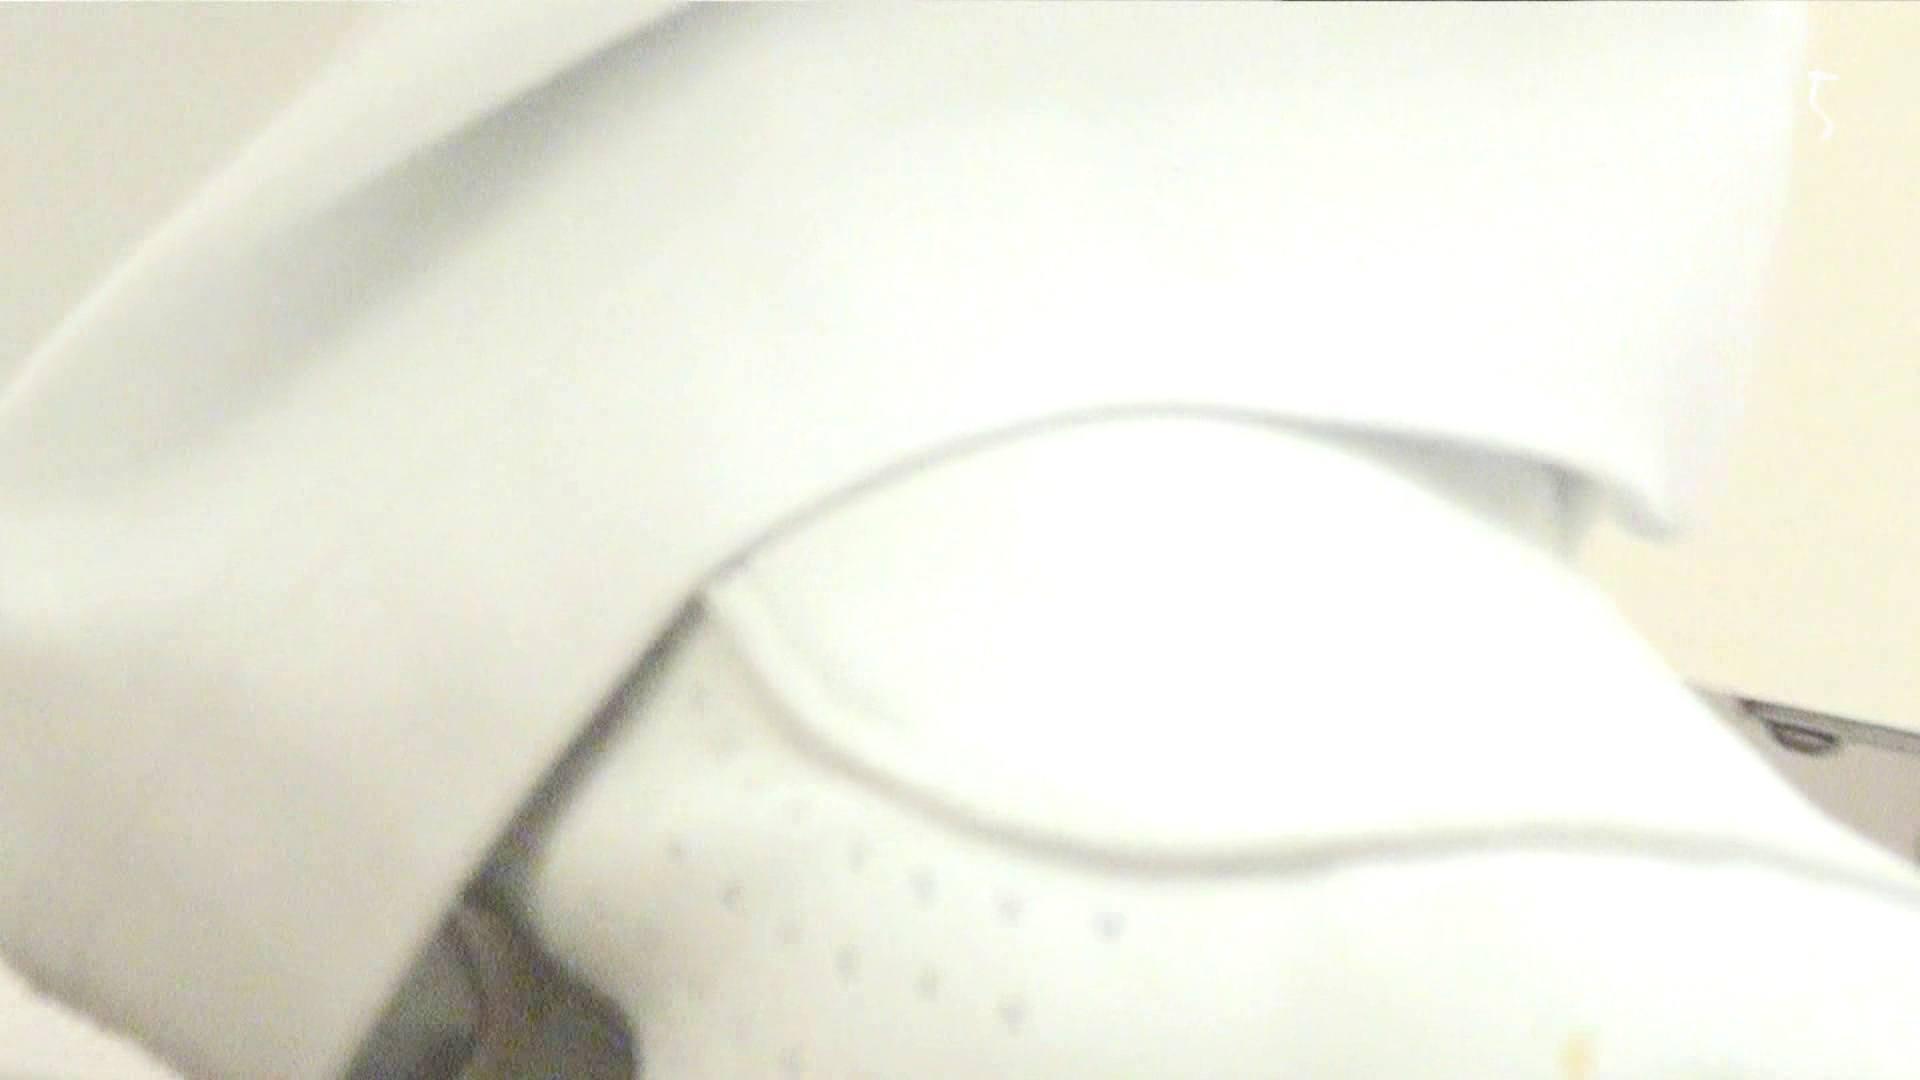 ナースのお小水 vol.005 ナース編 | 美女OL  102連発 15